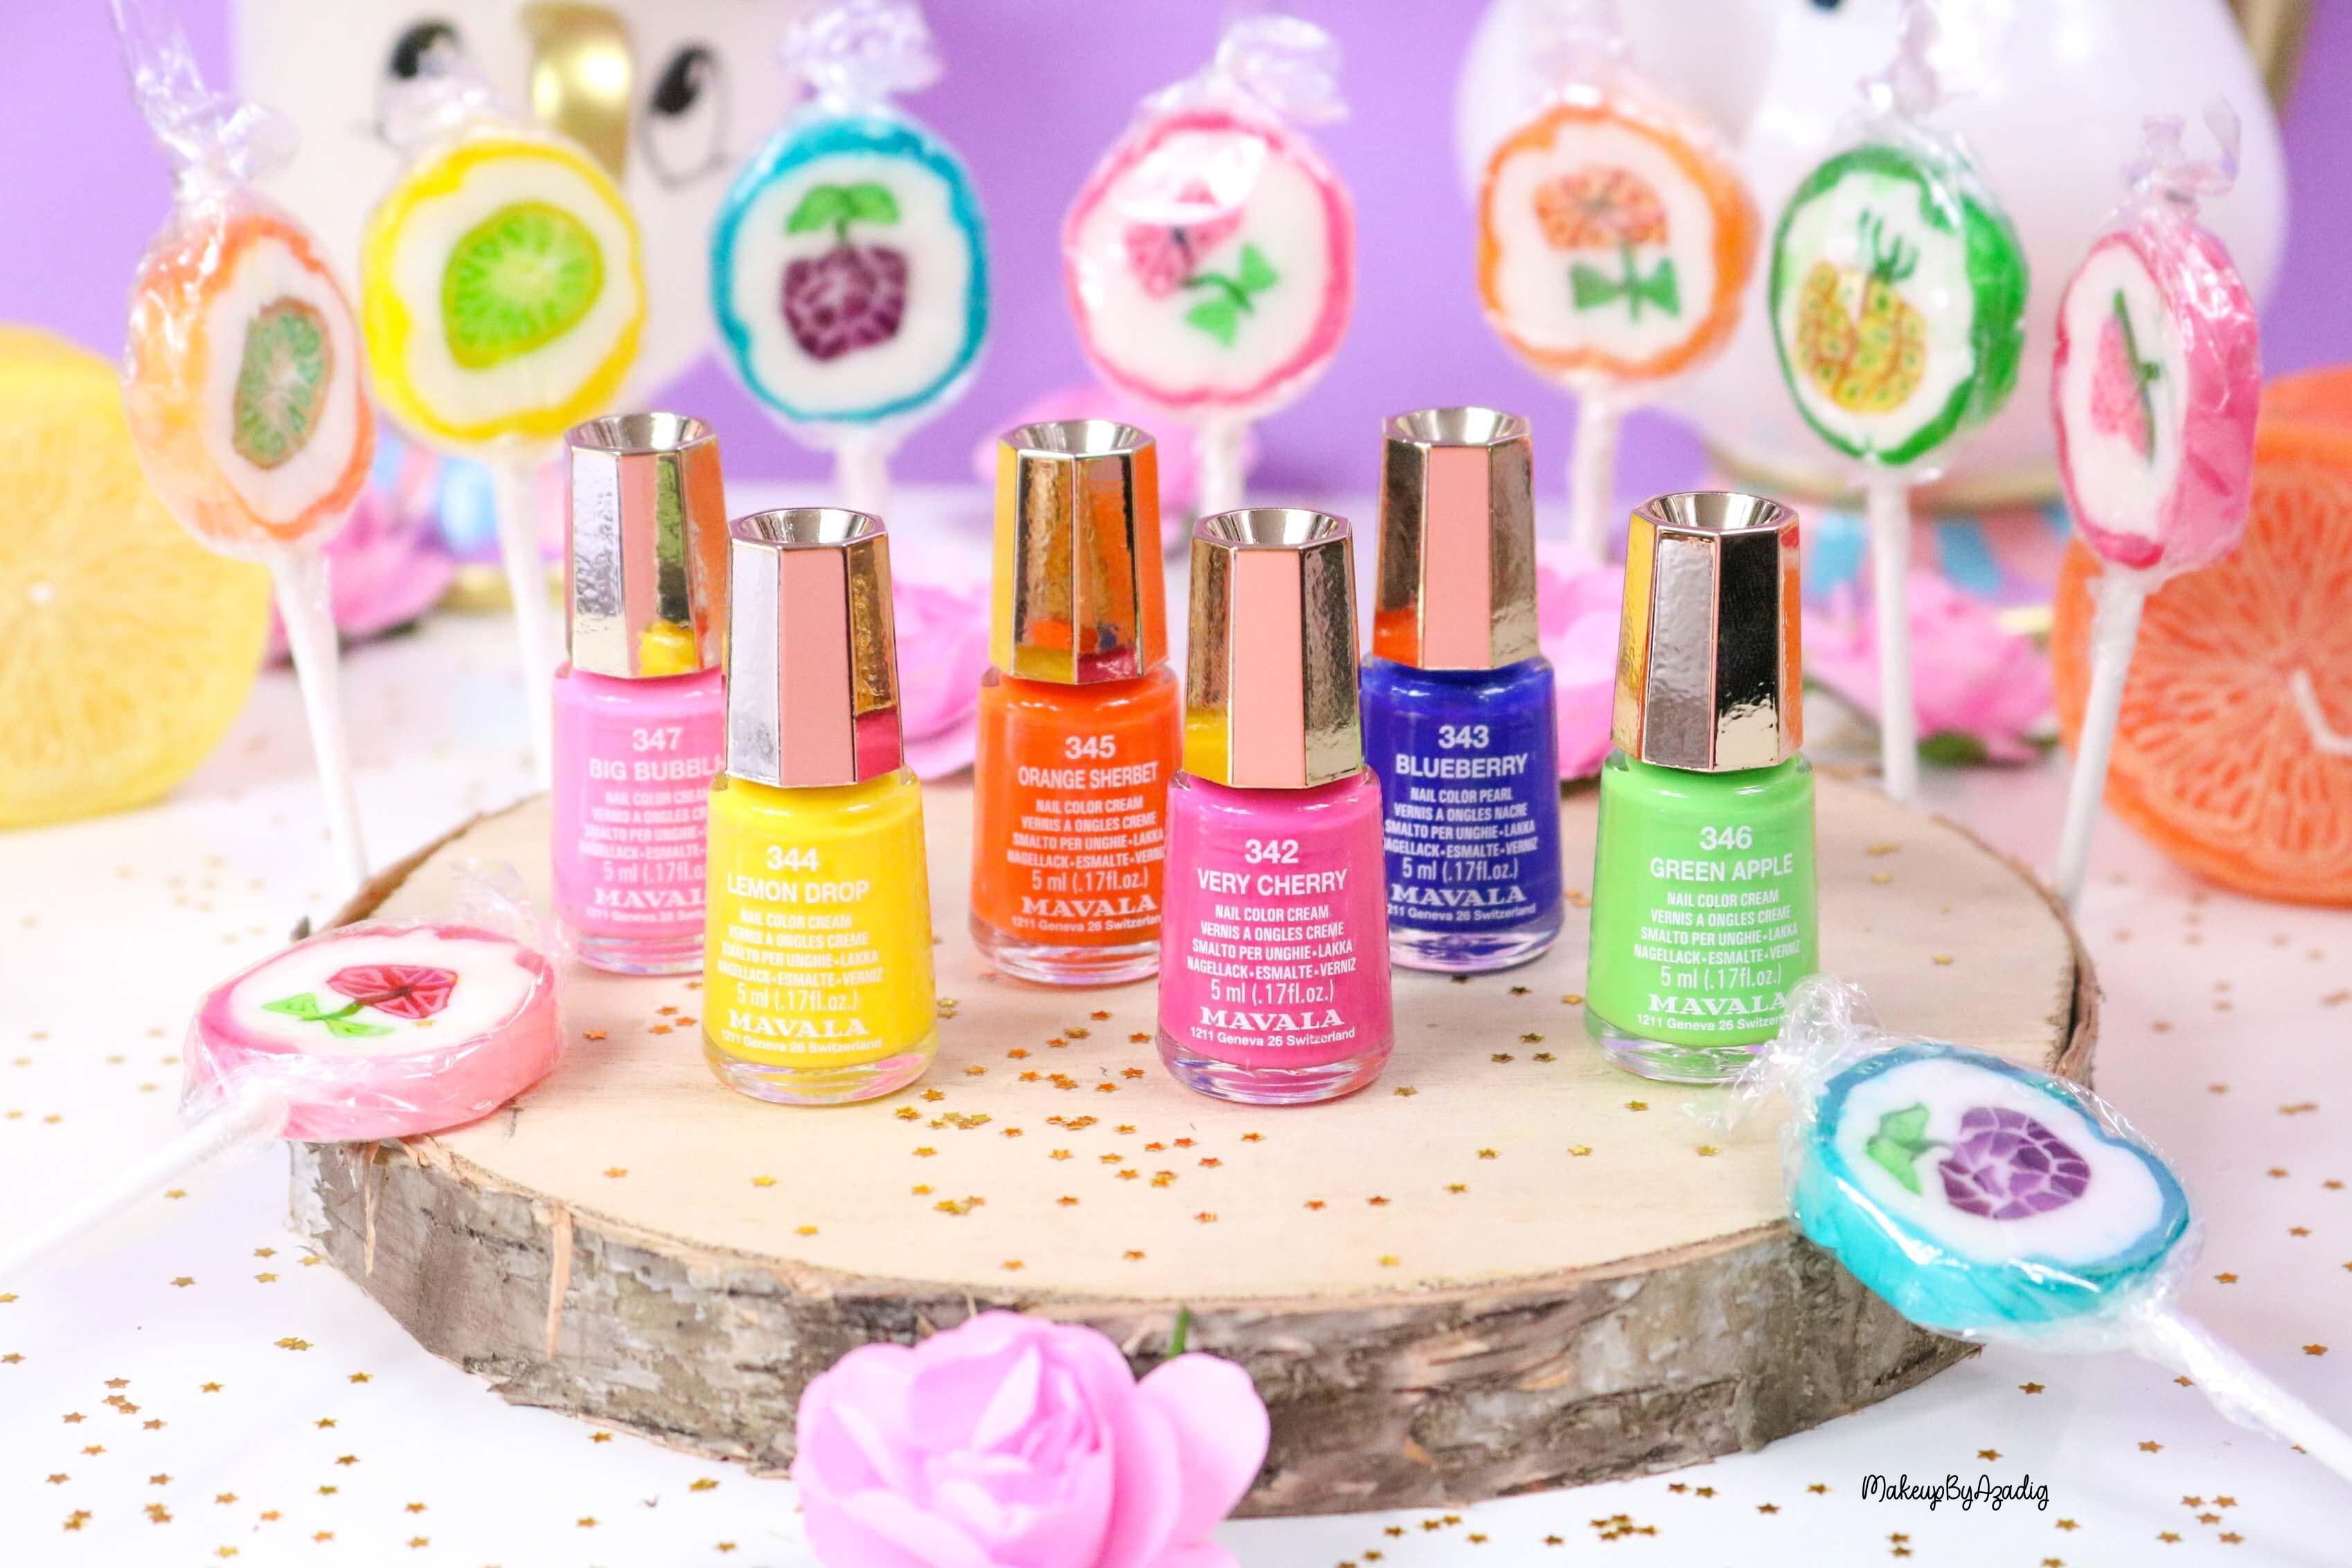 nouvelle-collection-vernis-tendance-printemps-ete-mavala-pas-cher-makeupbyazadig-avis-prix-monoprix-bubble-gum-instagram